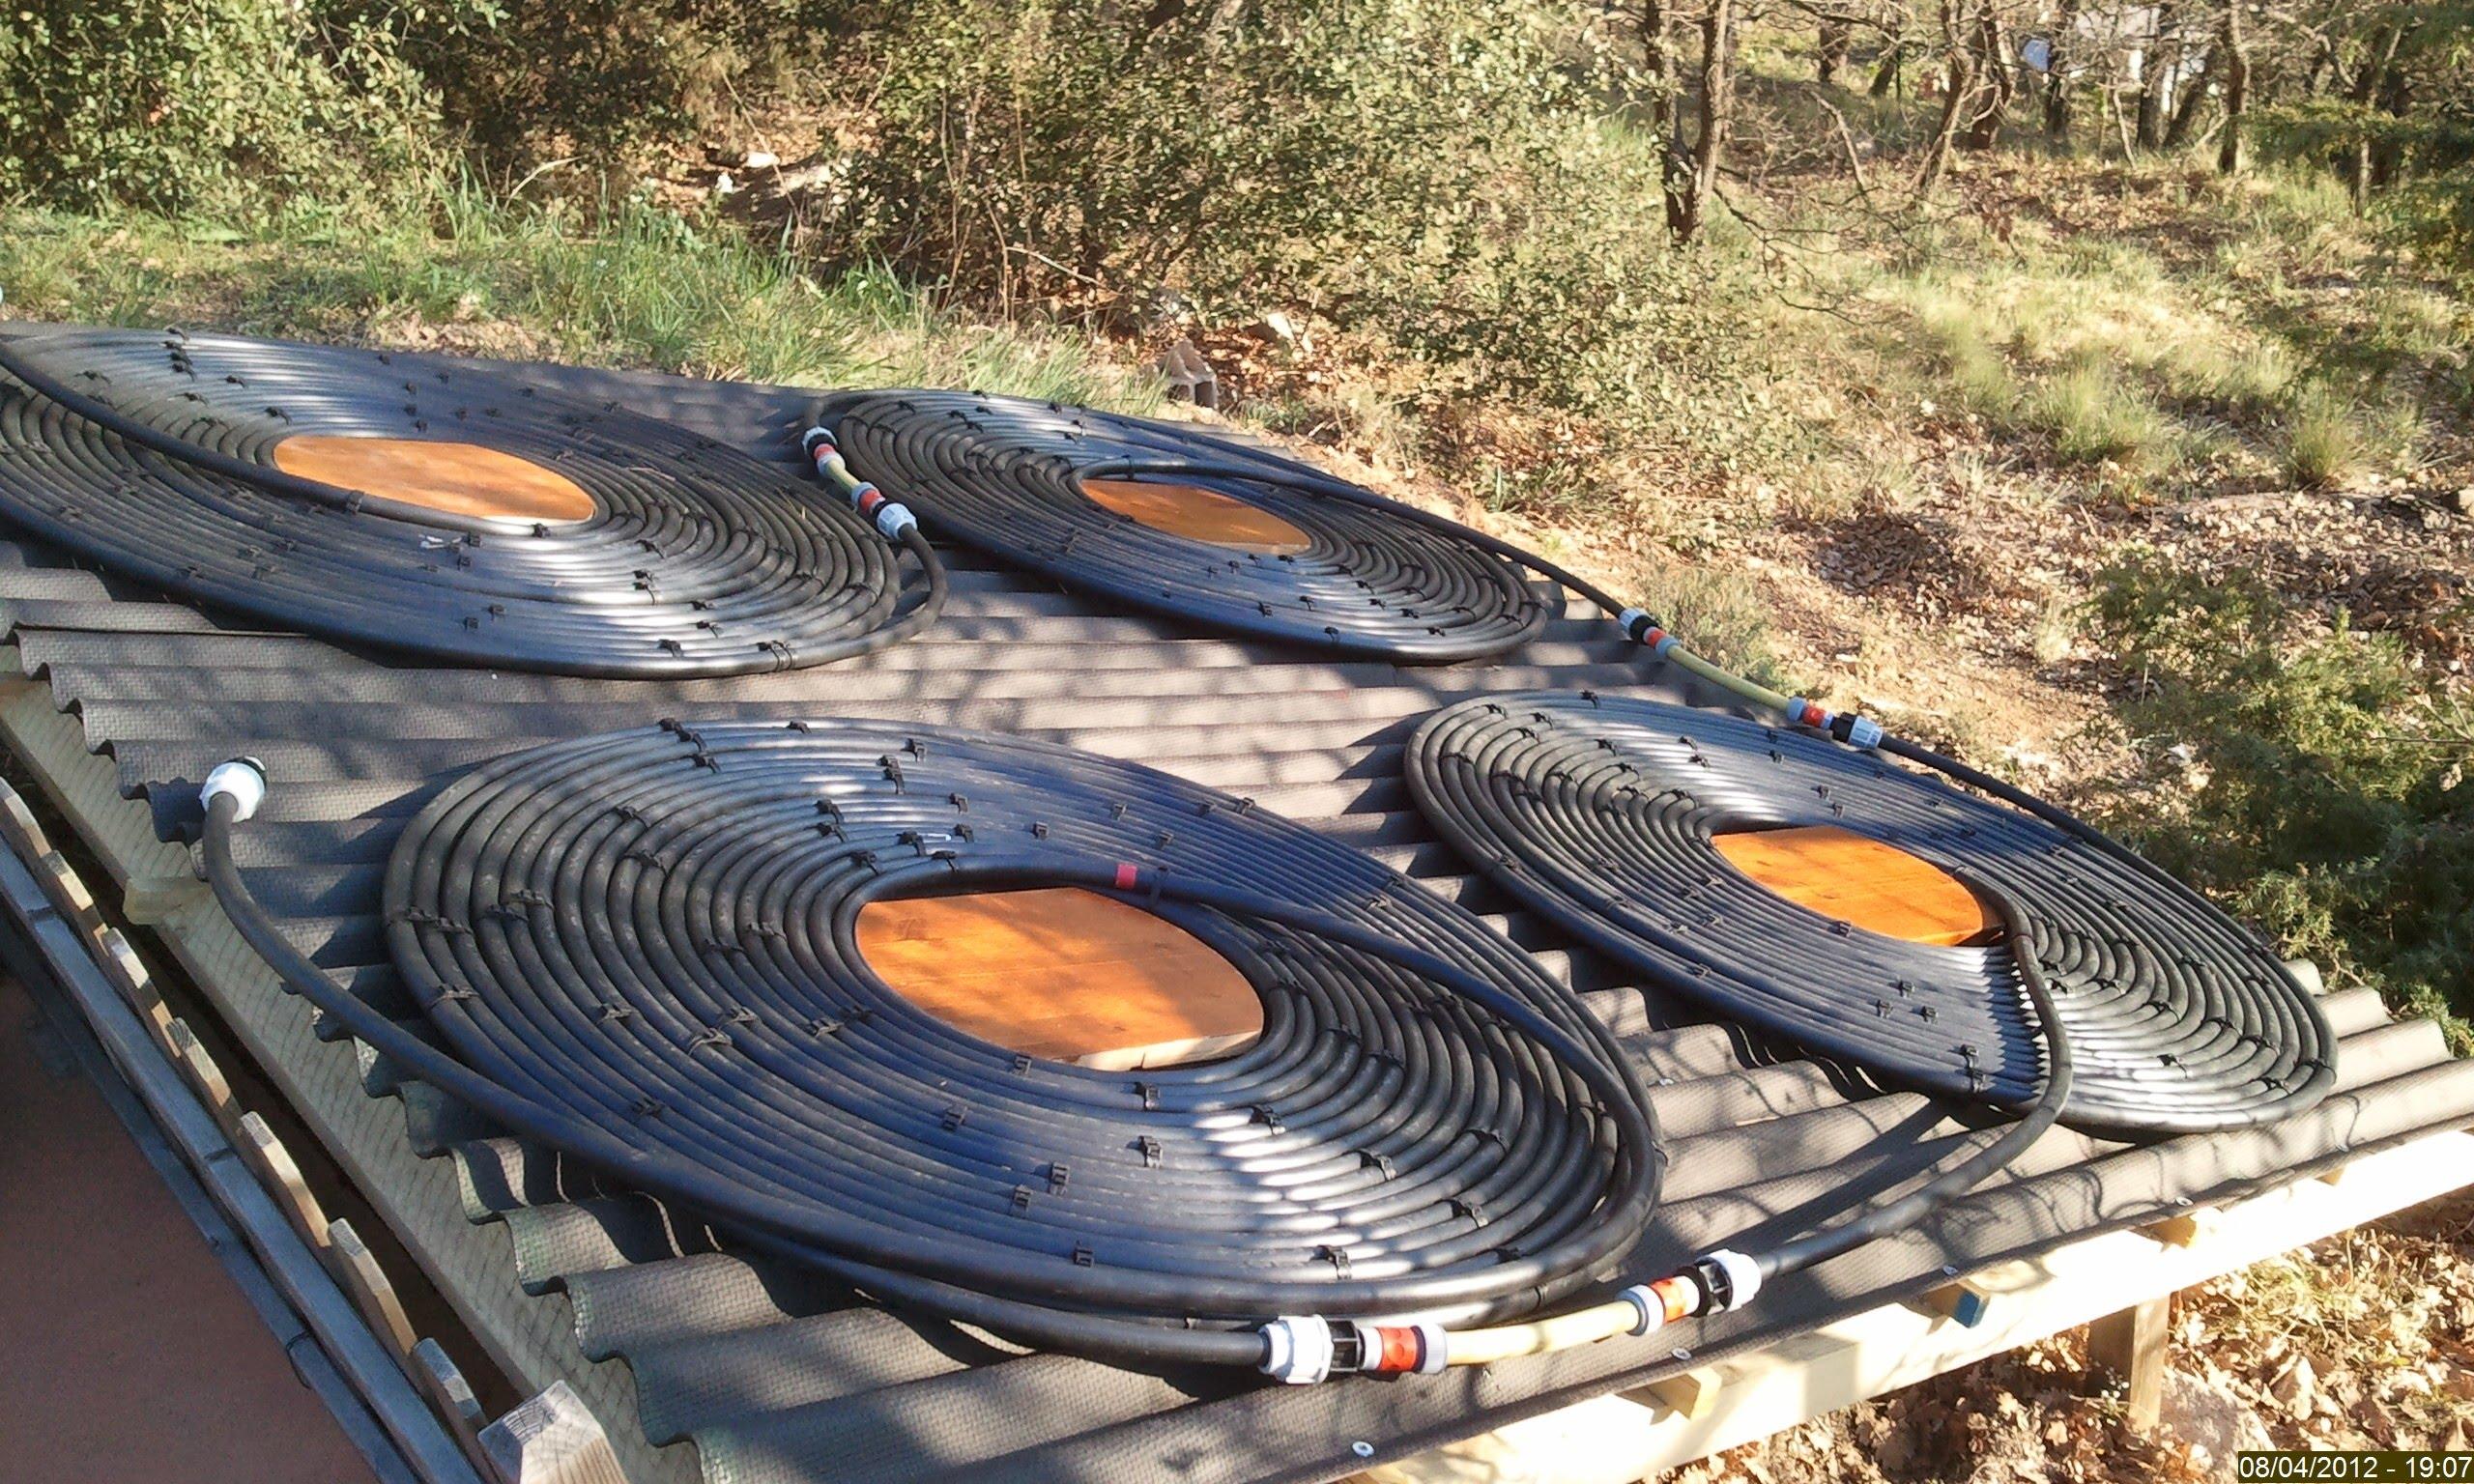 Chauffage solaire piscine 25m3 id e chauffage for Chauffage piscine 25m3